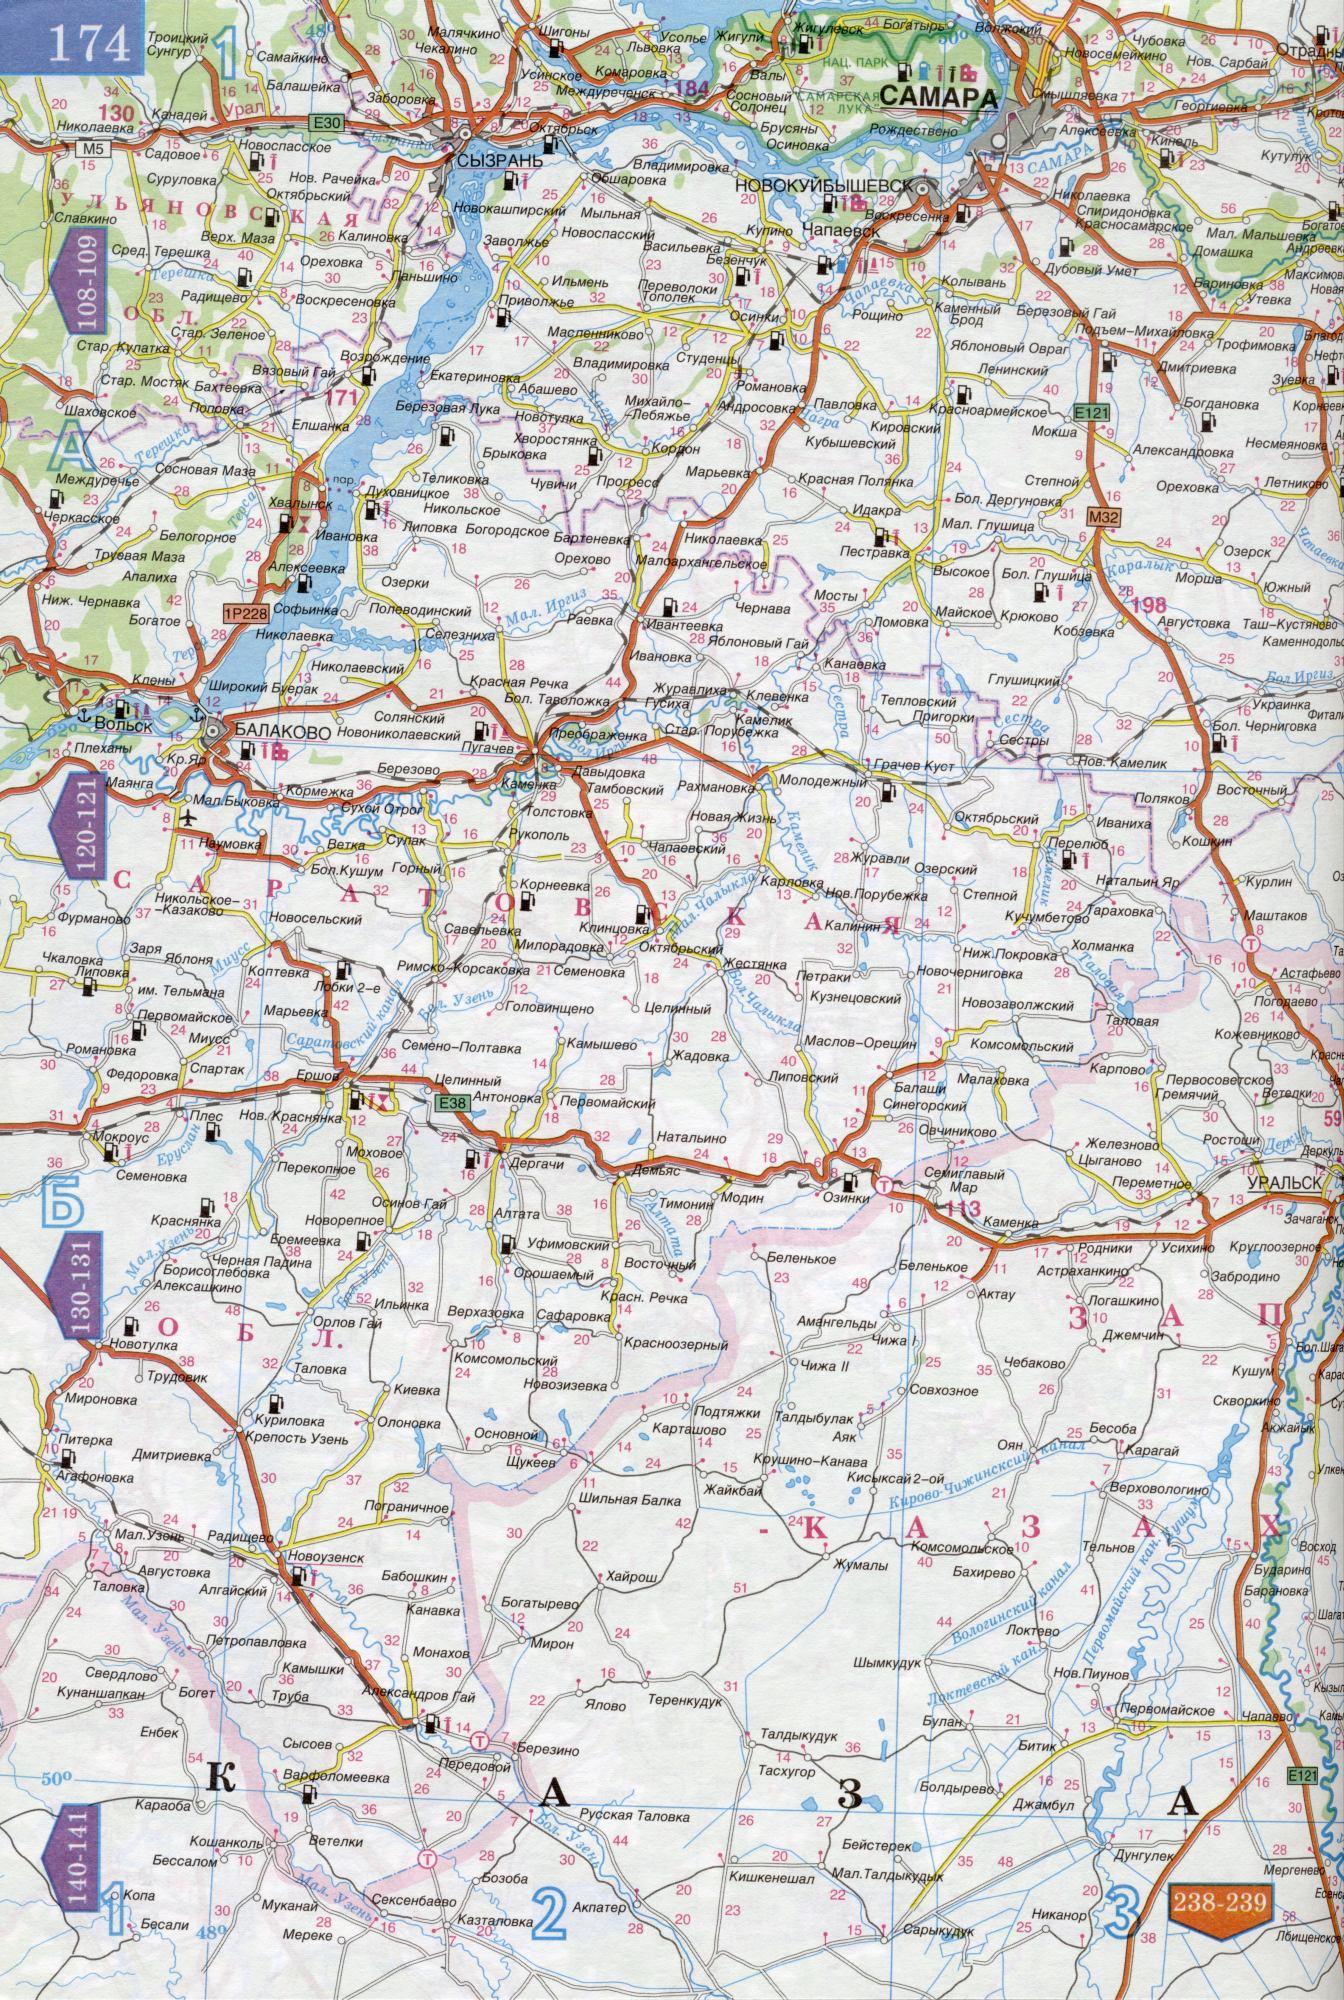 Скачать бесплатно автомобильную карту самарской области